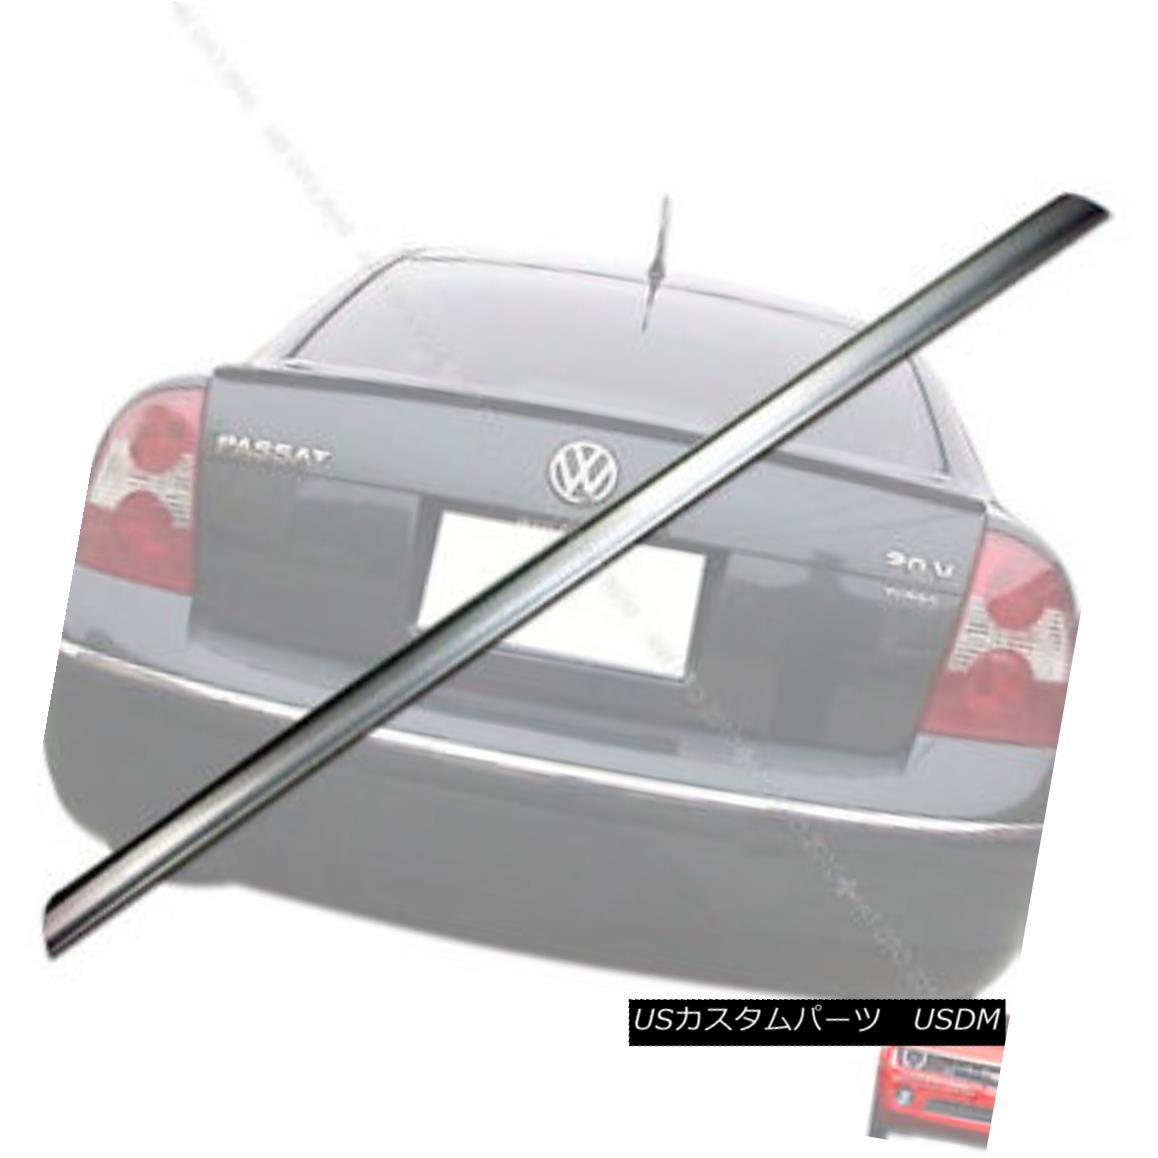 エアロパーツ VW Passat REAR TRUNK LIP SPOILER 3B/B5 LA7W PAINTED § VW Passatリアトランクリップスポイラー3B / B5 LA7W PAINTED